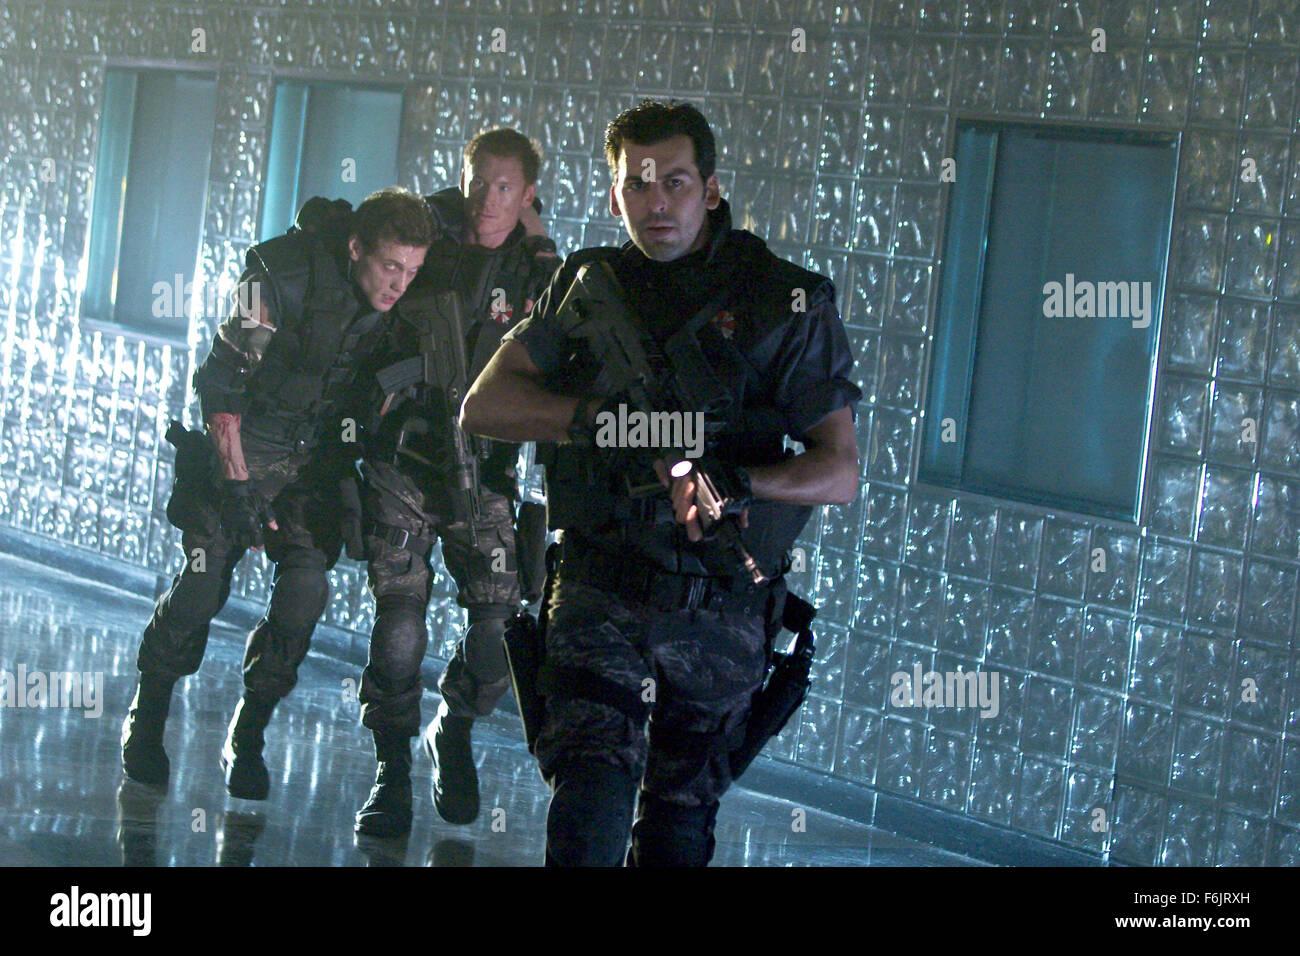 Release Date September 10 2004 Movie Title Resident Evil Stock